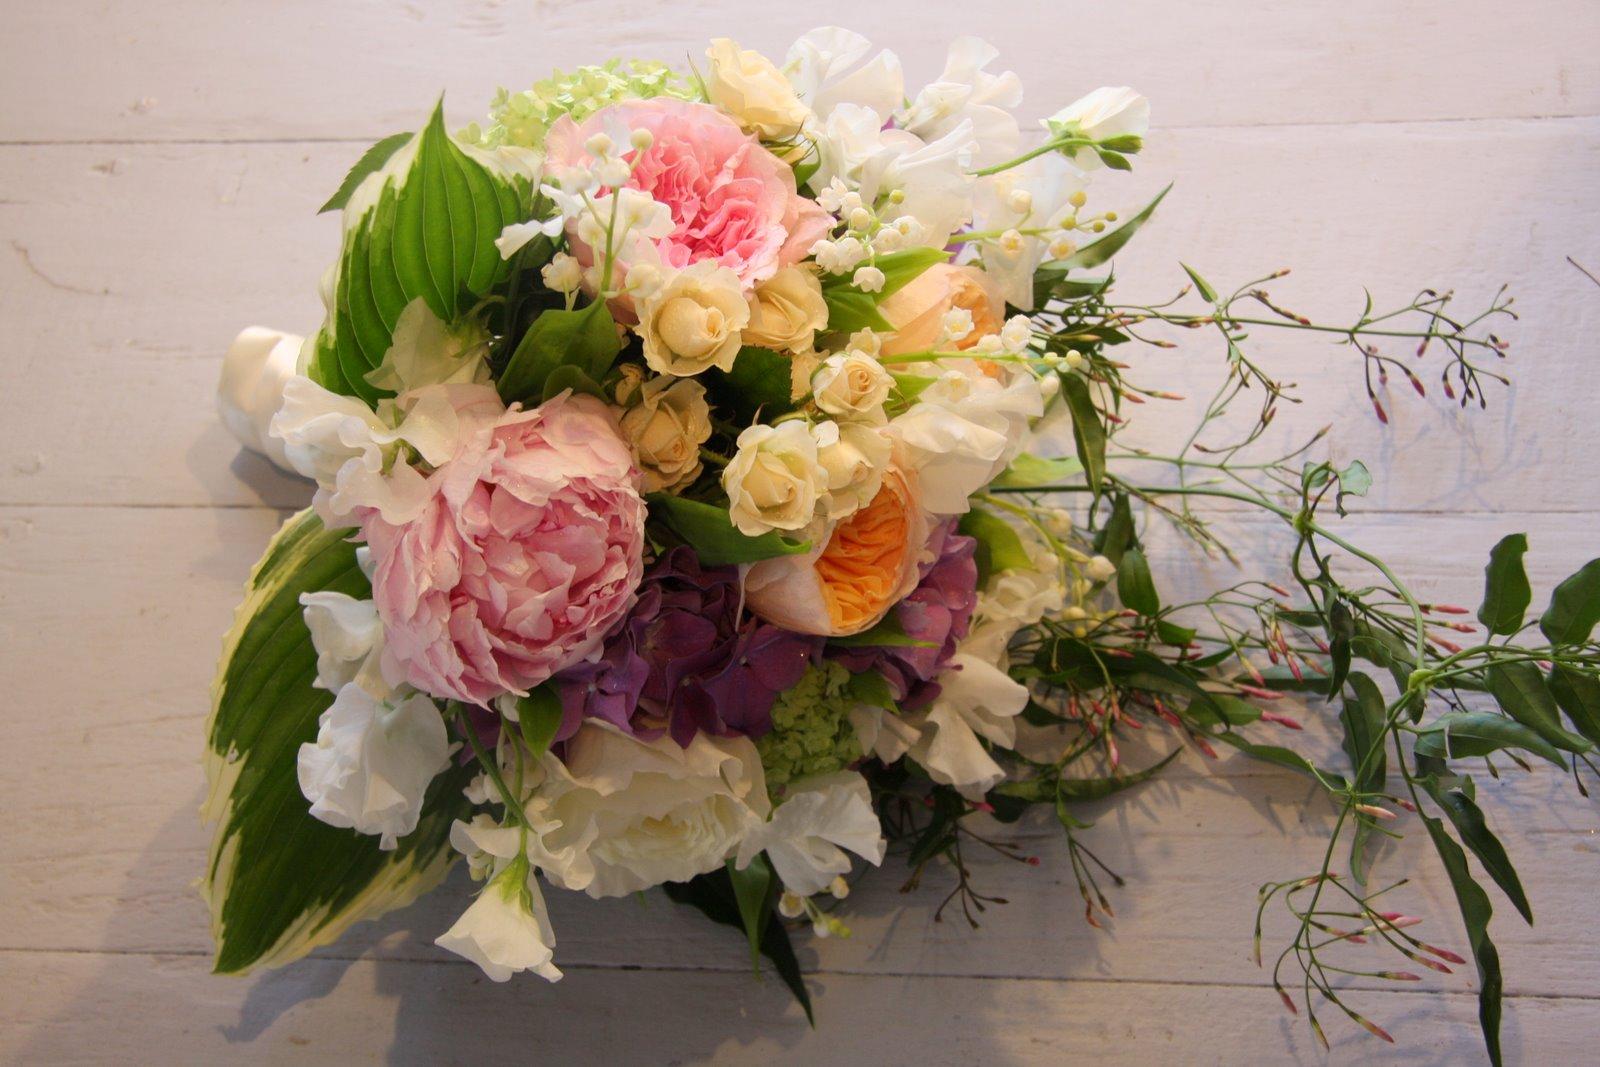 adb6ef425f13 The Flower Magician  English Country Garden Wedding Bouquet